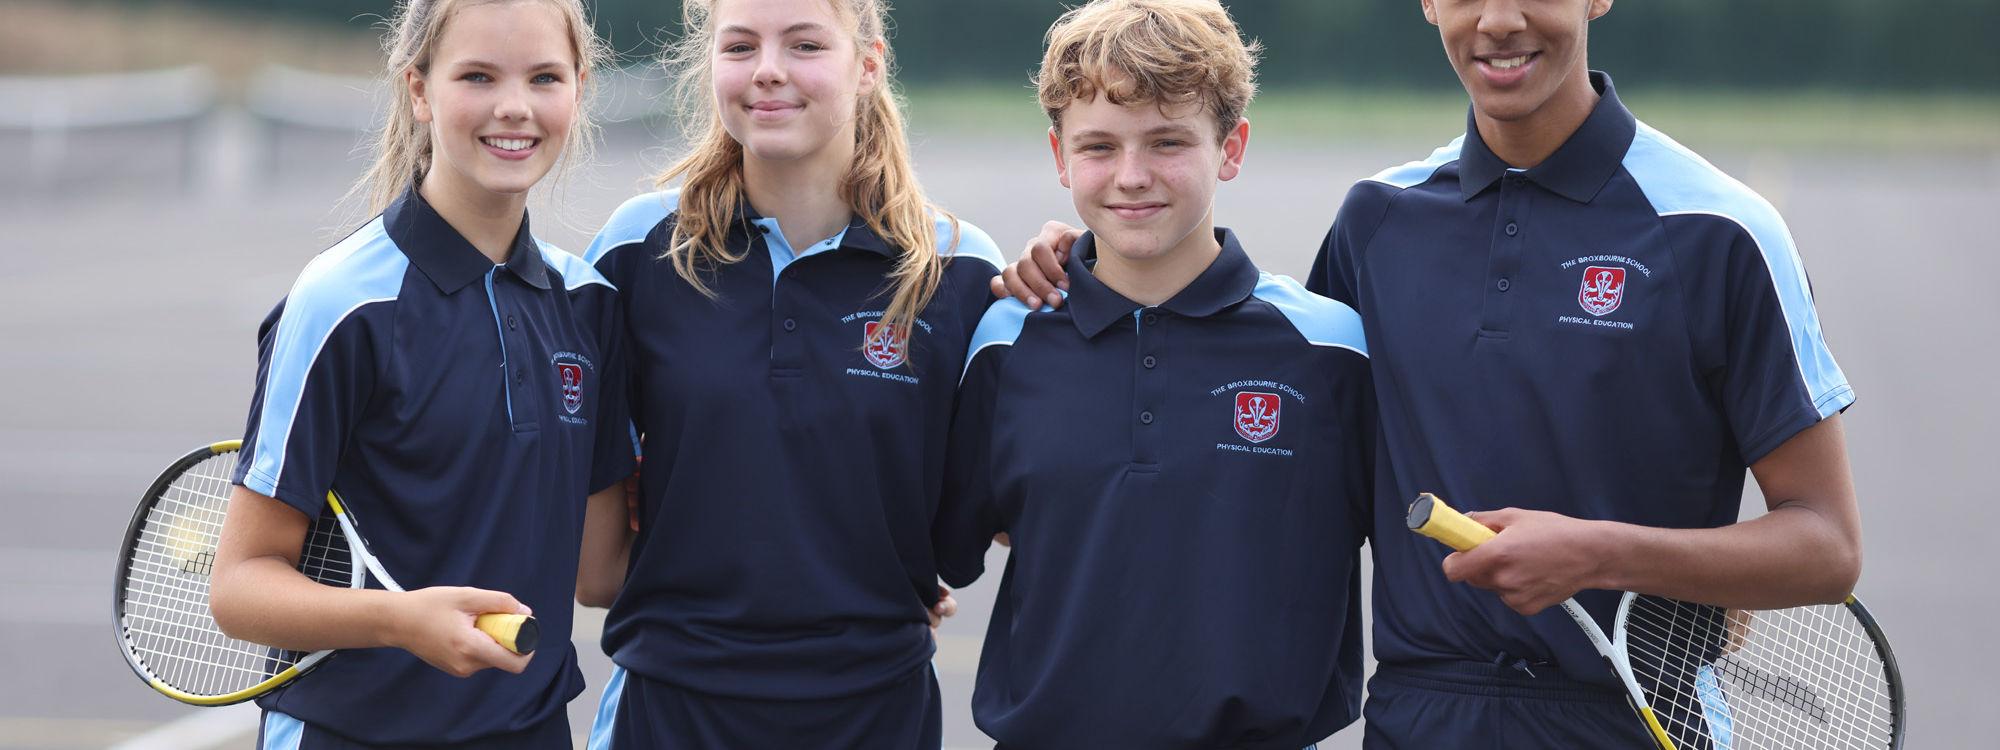 Broxbourne school image 48